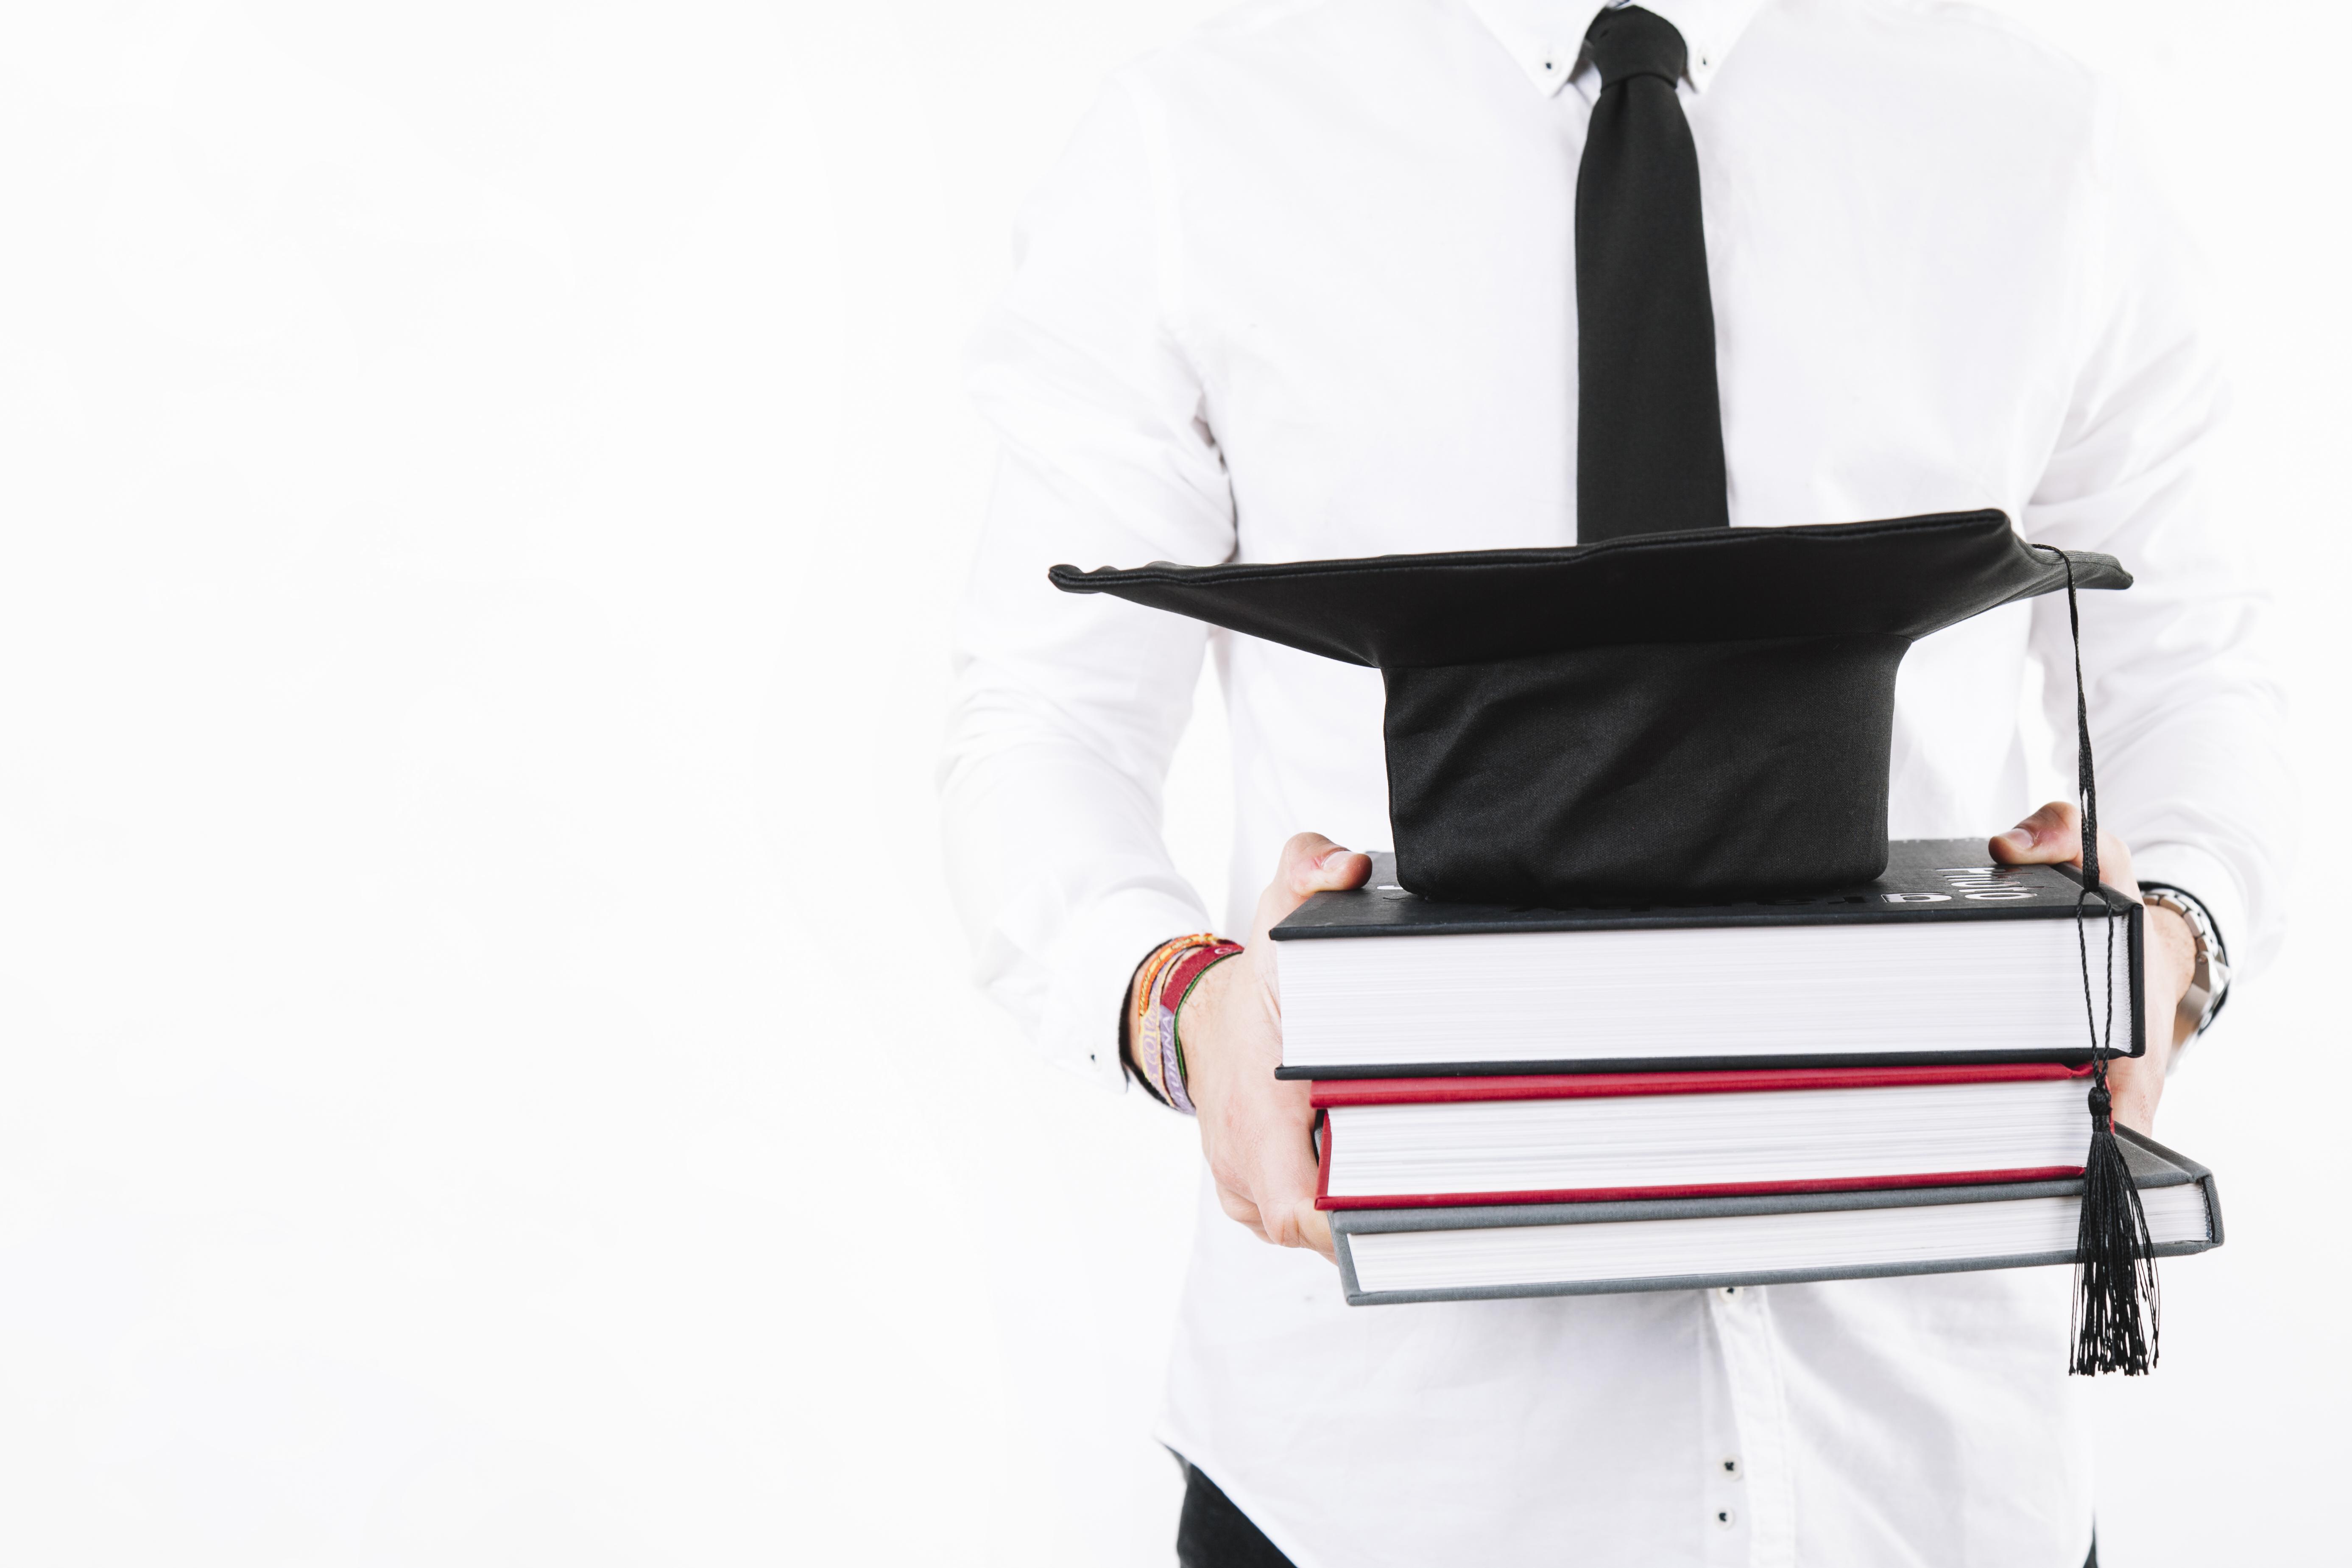 Procedury awansu naukowego wświetle Ustawy 2.0